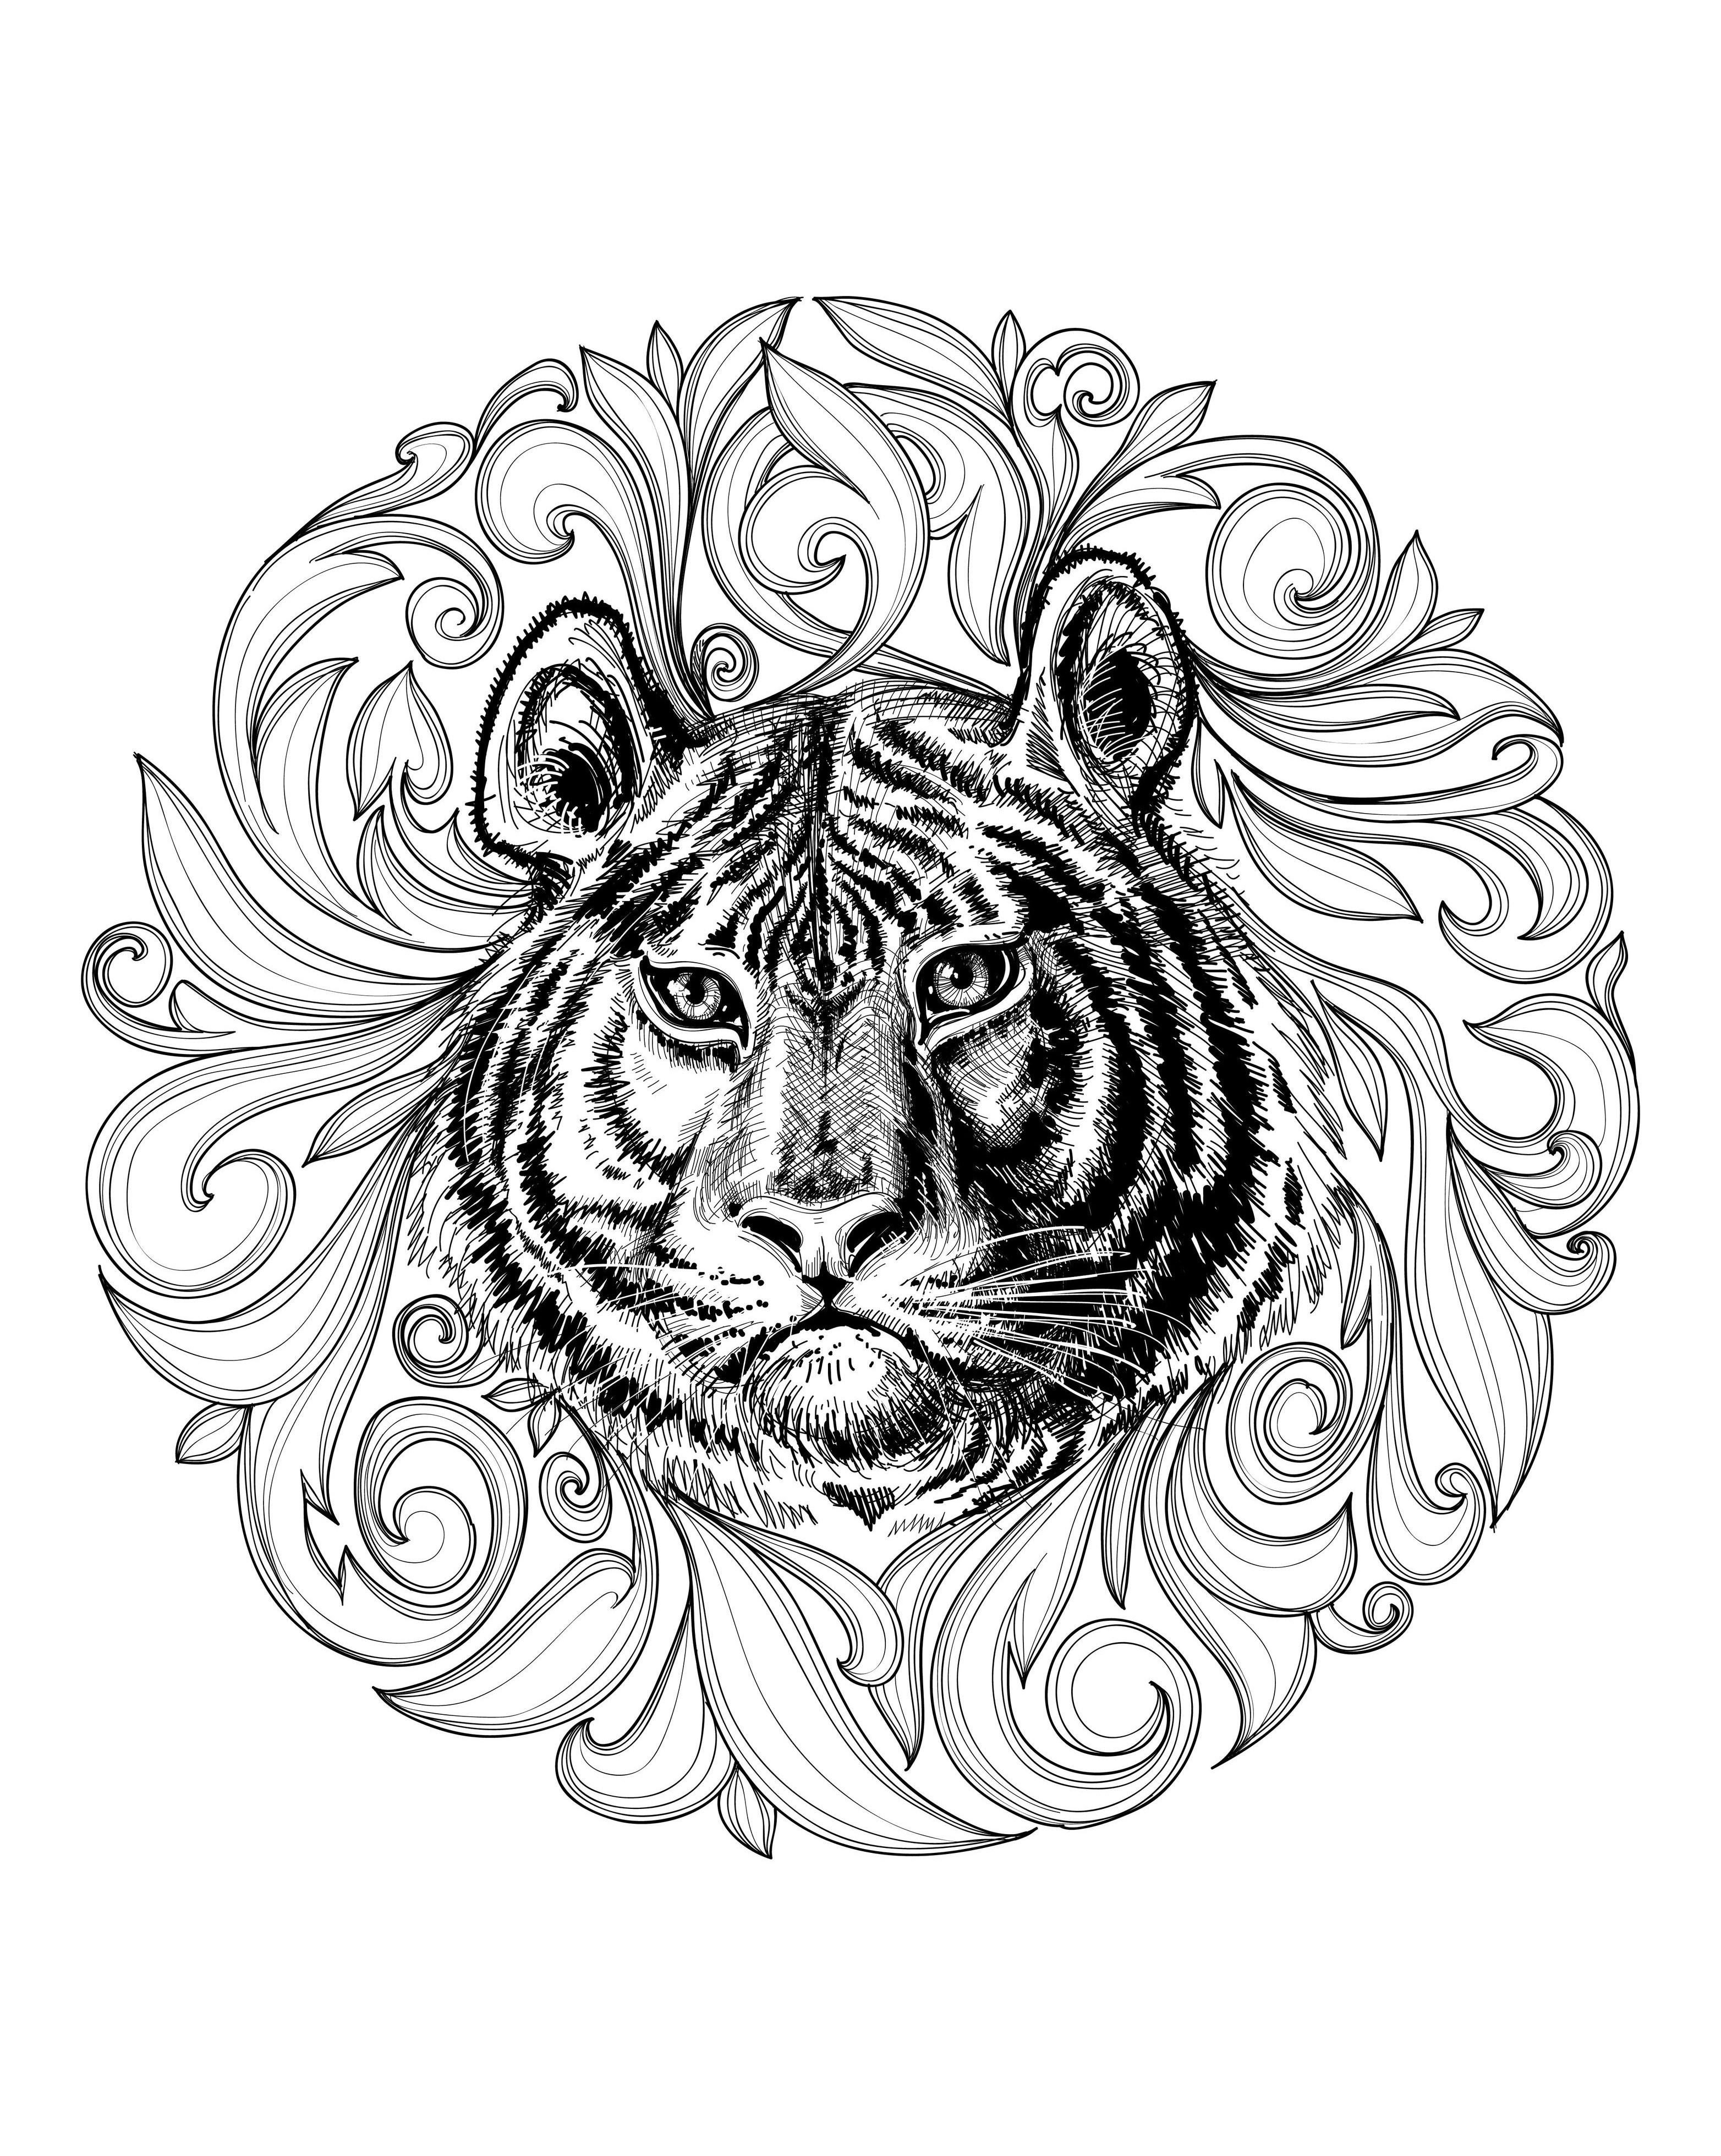 Afrique tigre cadre feuilluA partir de la galerie : Afrique